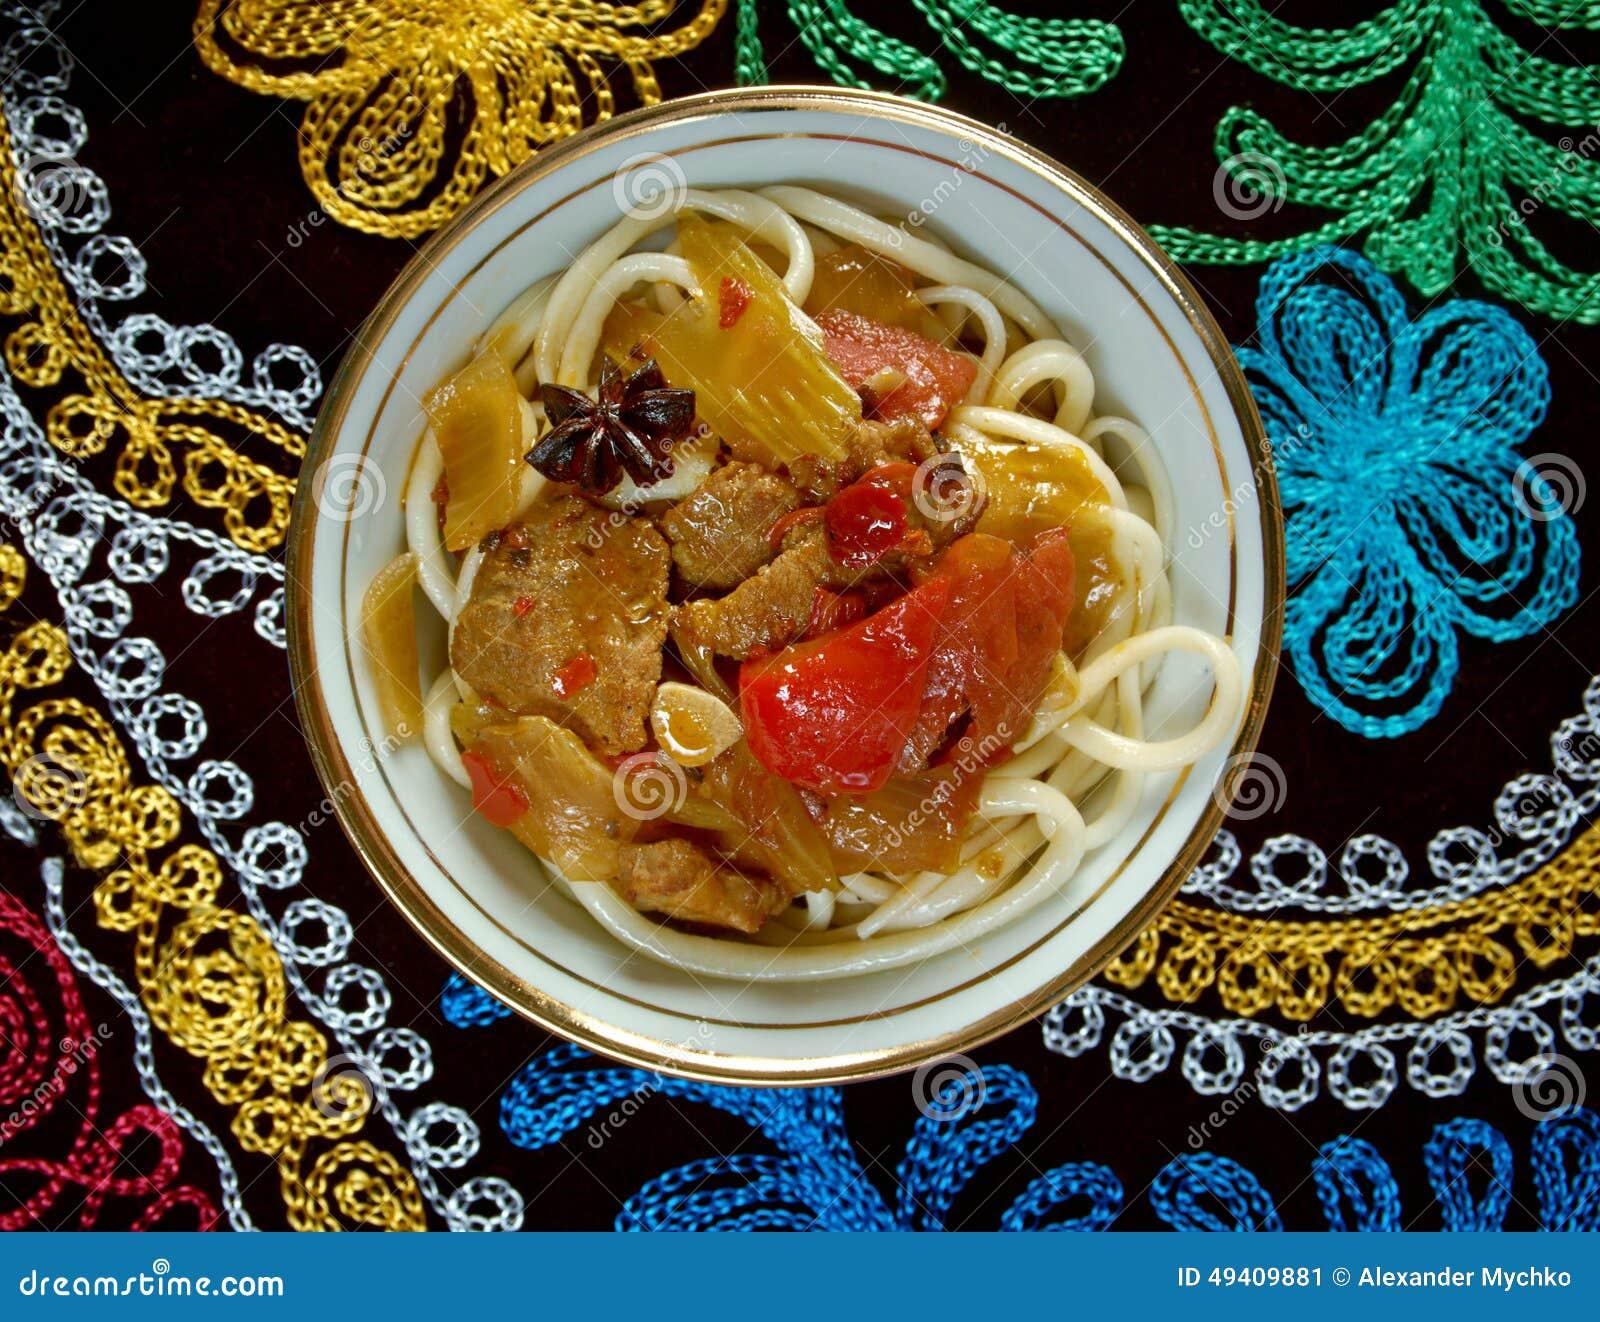 Download Lagman stockbild. Bild von geschmack, suppe, mittagessen - 49409881